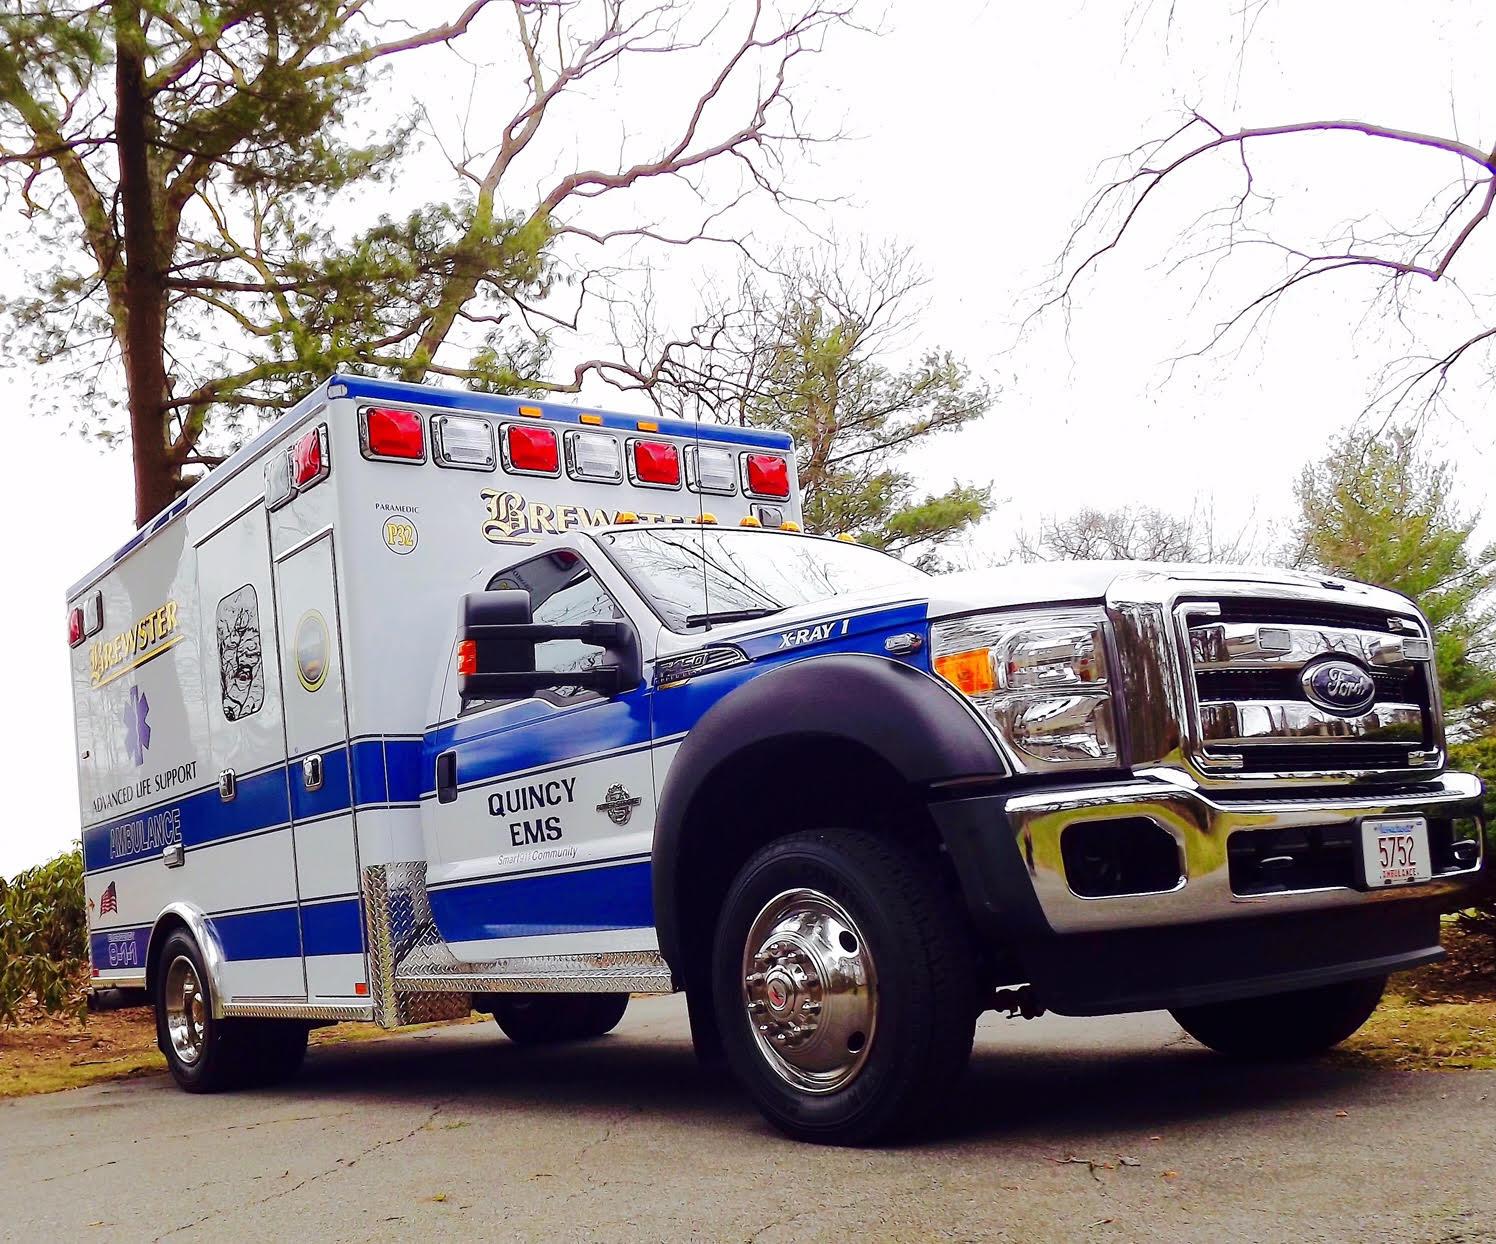 Quincy ALS truck